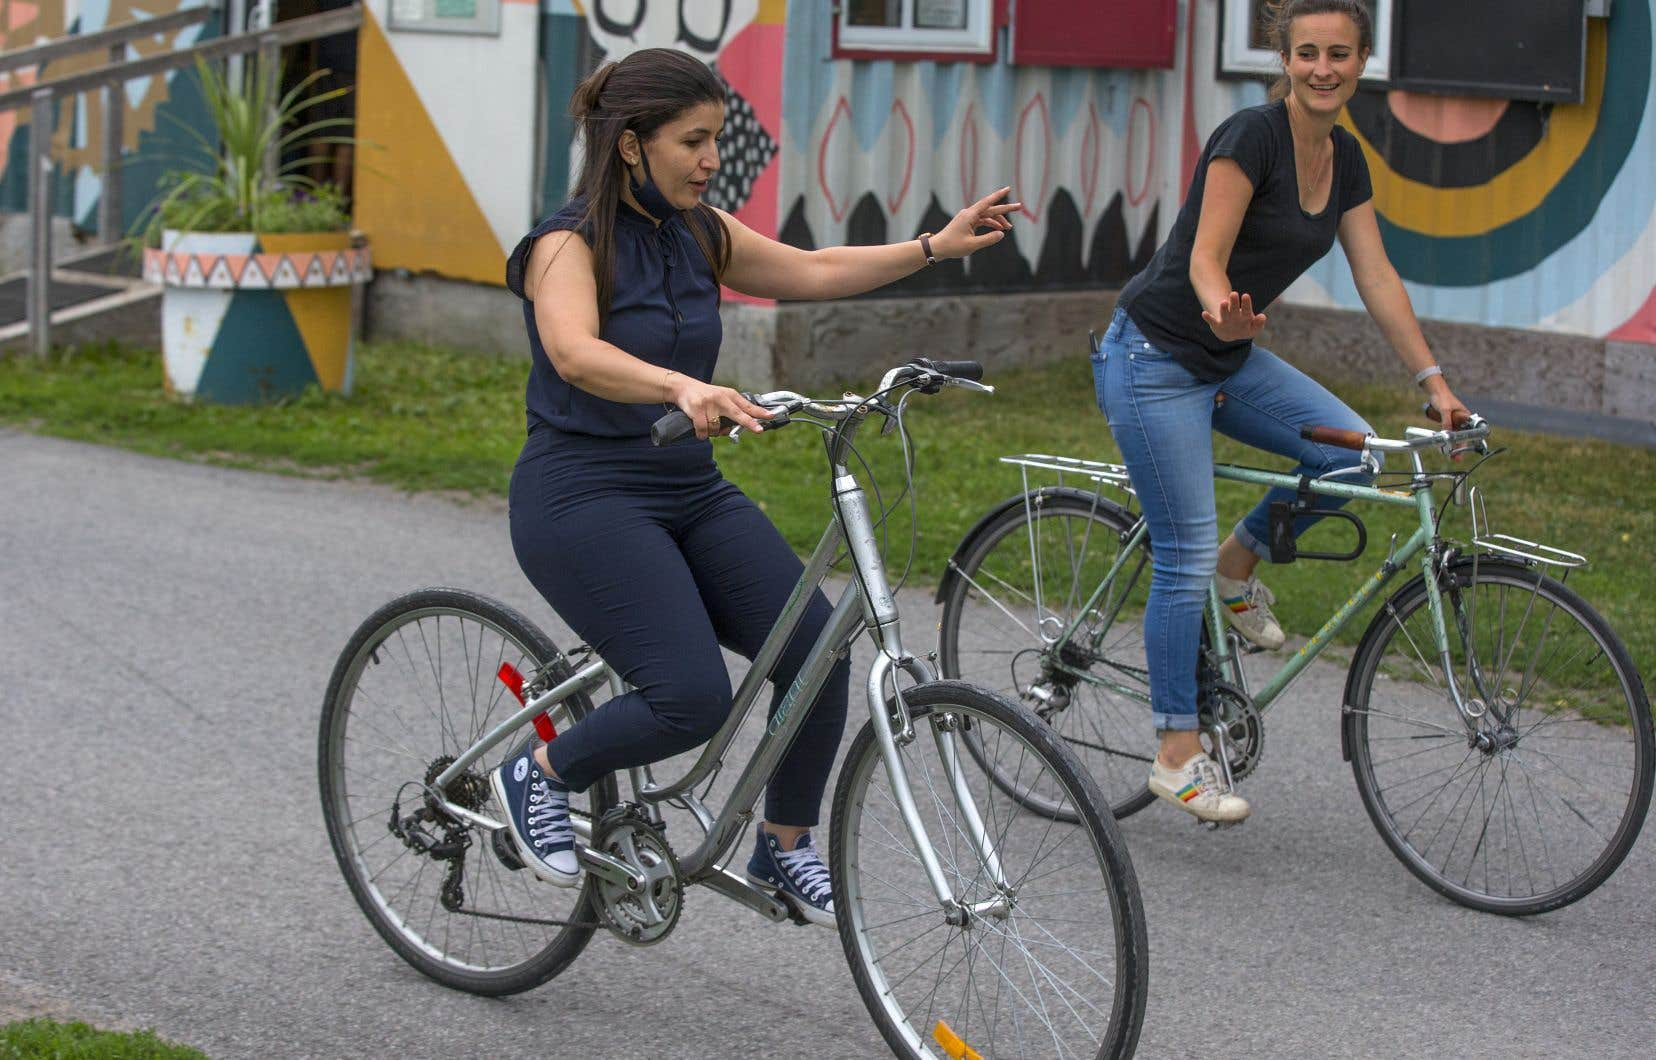 À 32ans, Moufida Zerdoumi s'est décidée le mois dernier à apprendre à faire du vélo, guidée par des bénévoles de Culture Vélo à Montréal, dont Magali Bebronne (à droite), bénévole et membre du conseil d'administration de l'organisme.